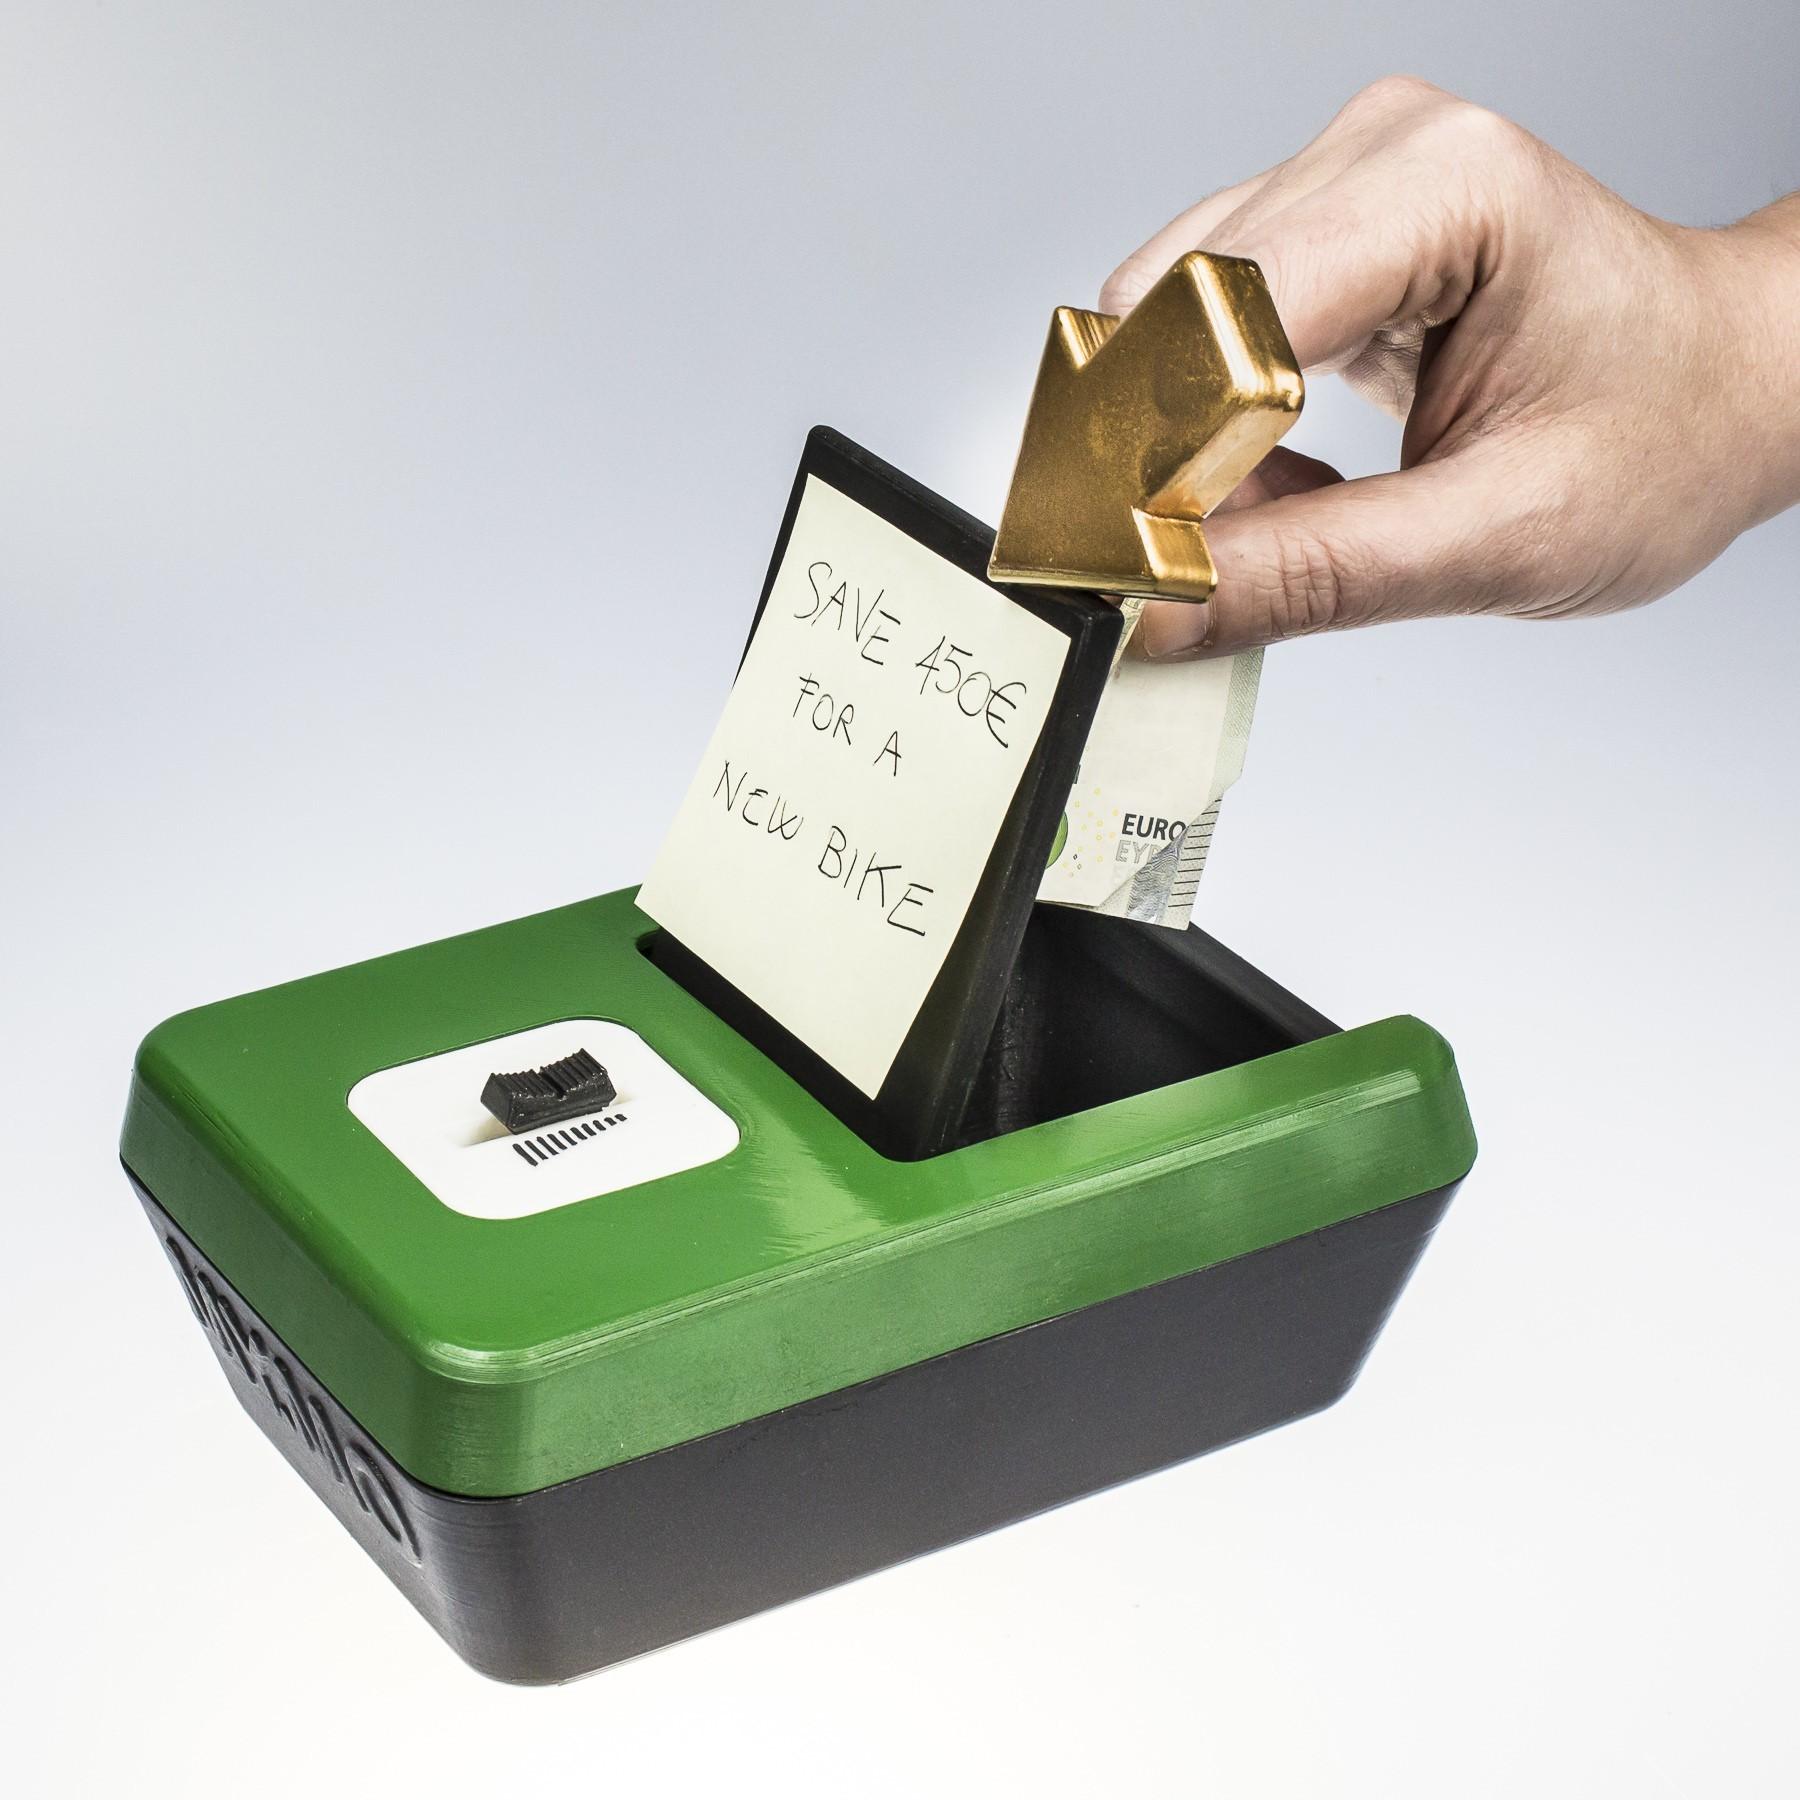 _MG_6598.jpg Télécharger fichier STL gratuit MON MO - faire un vœu et économiser de l'argent pour le réaliser. • Design pour impression 3D, CKLab